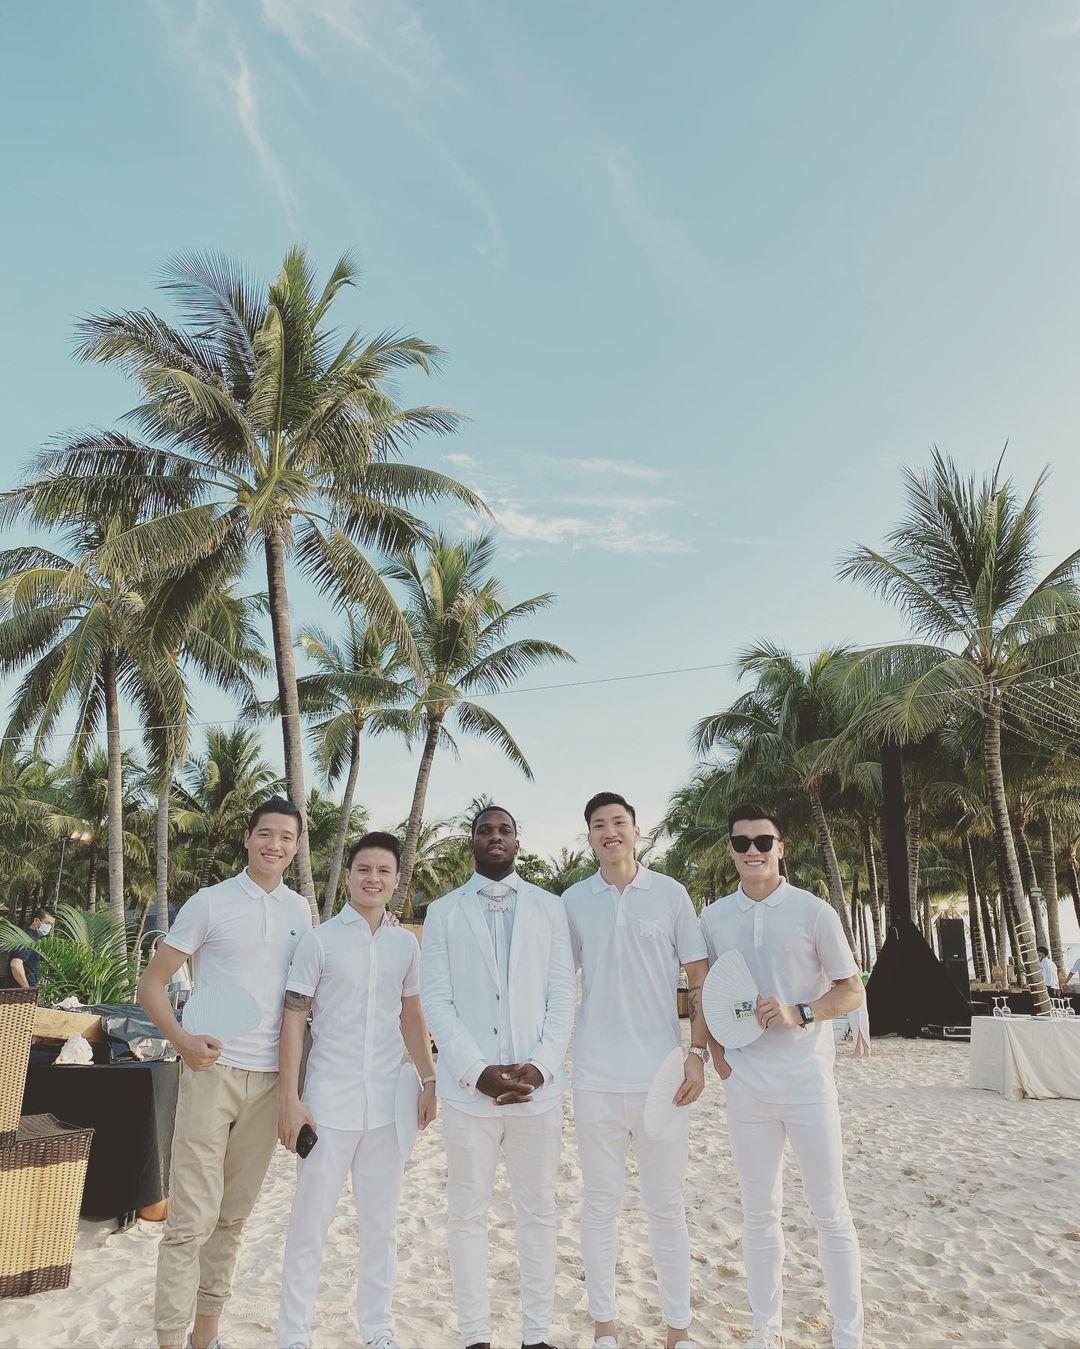 Dàn khách mời nam thần xả vai hậu đám cưới Công Phượng, tầm này Instagram của ai người đó đẹp - Ảnh 3.